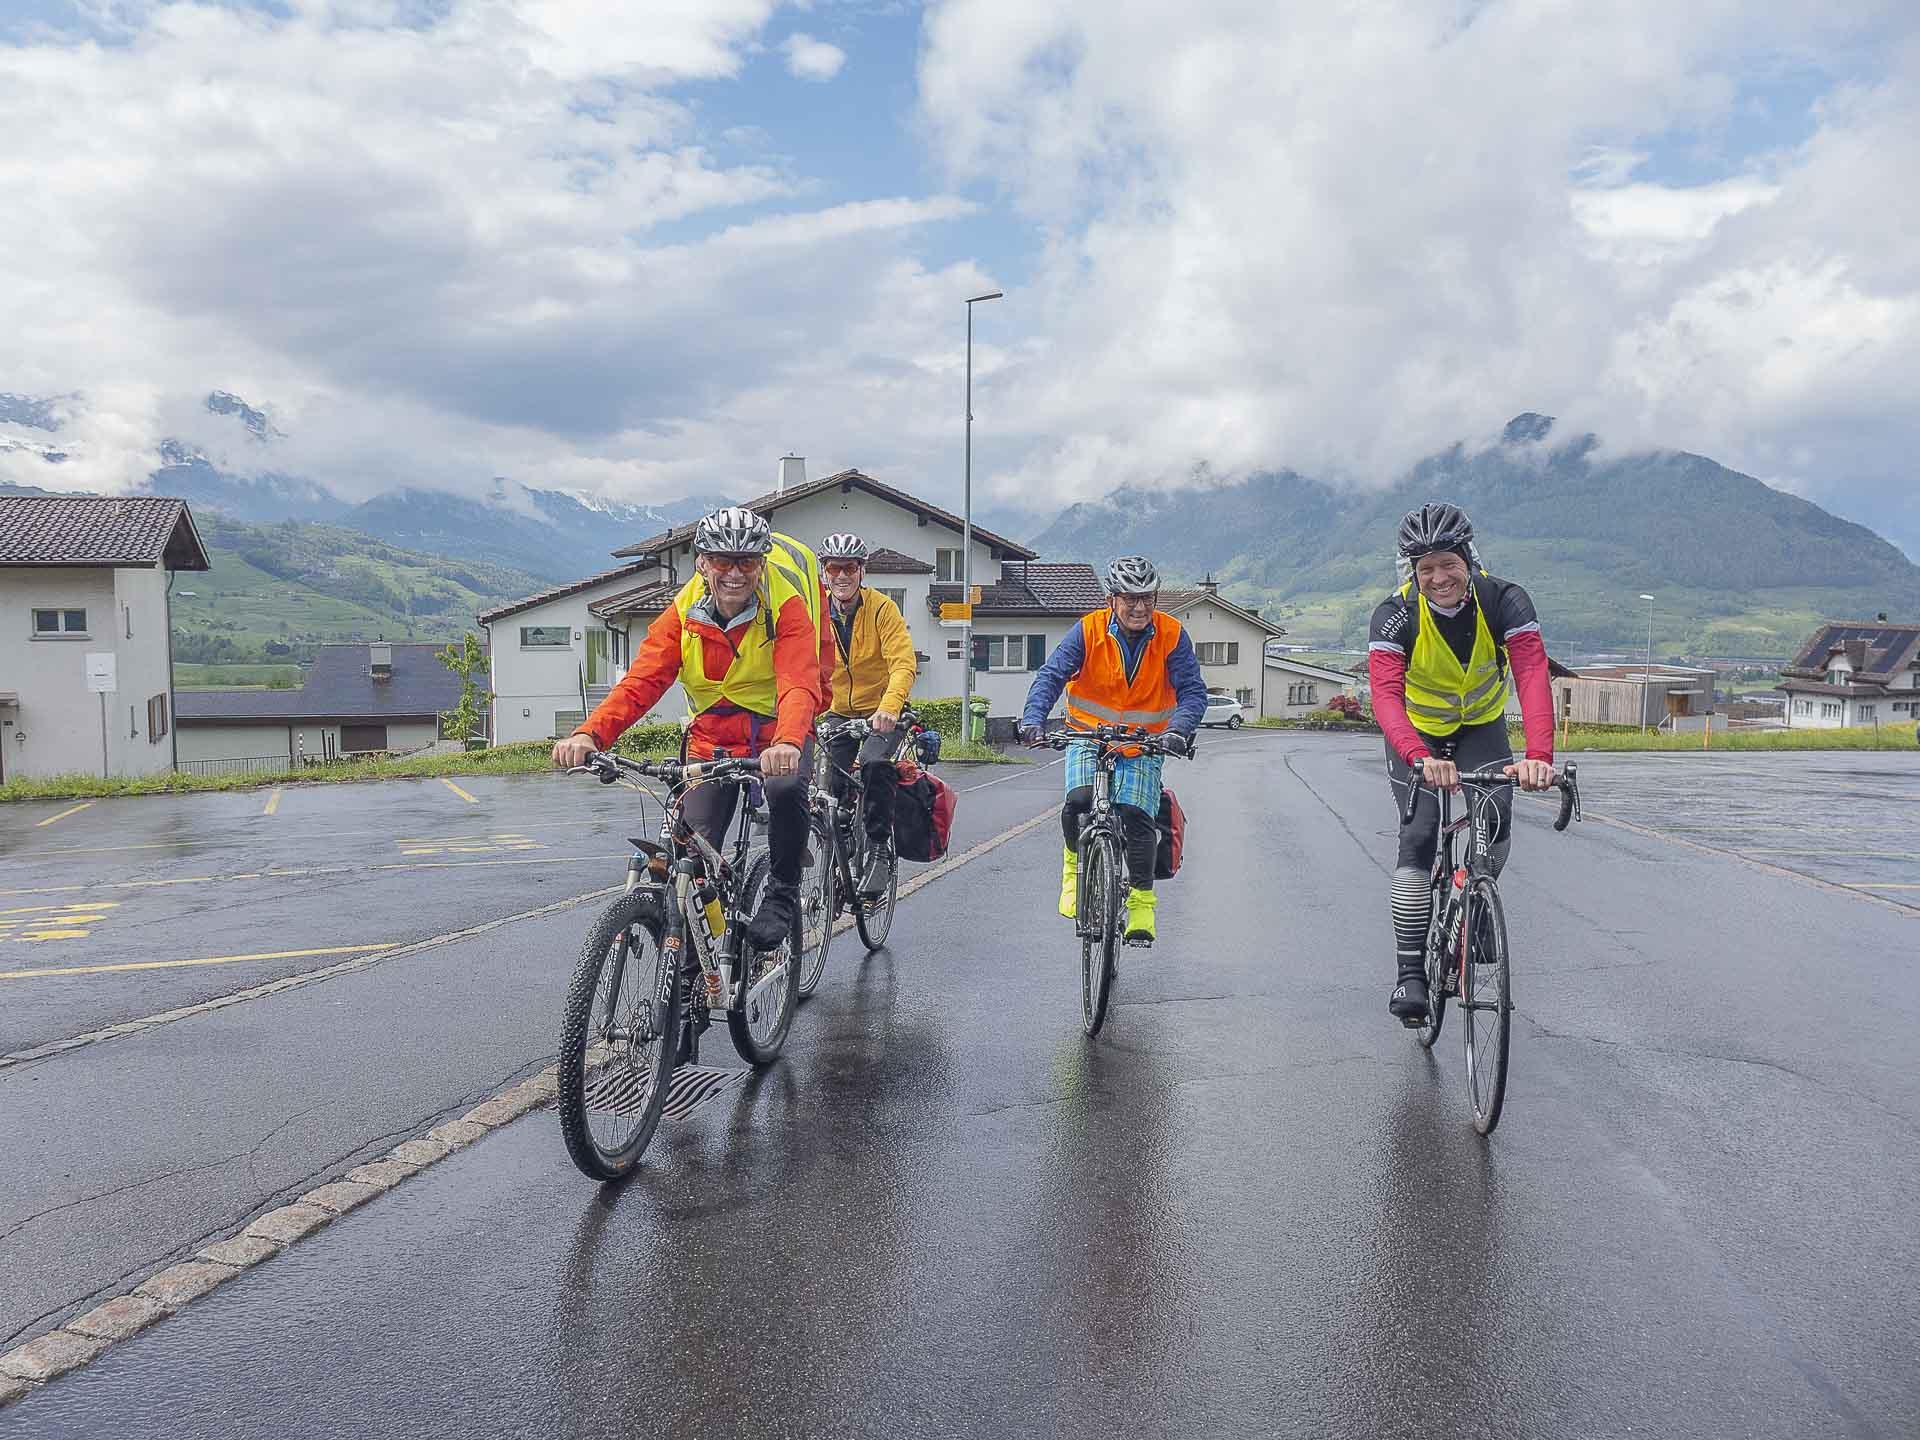 Vier Velowallfahrter am Fuss der Ibergeregg - fast 800 Höhenmeter haben sie hier noch vor sich. | © Dominik Thali